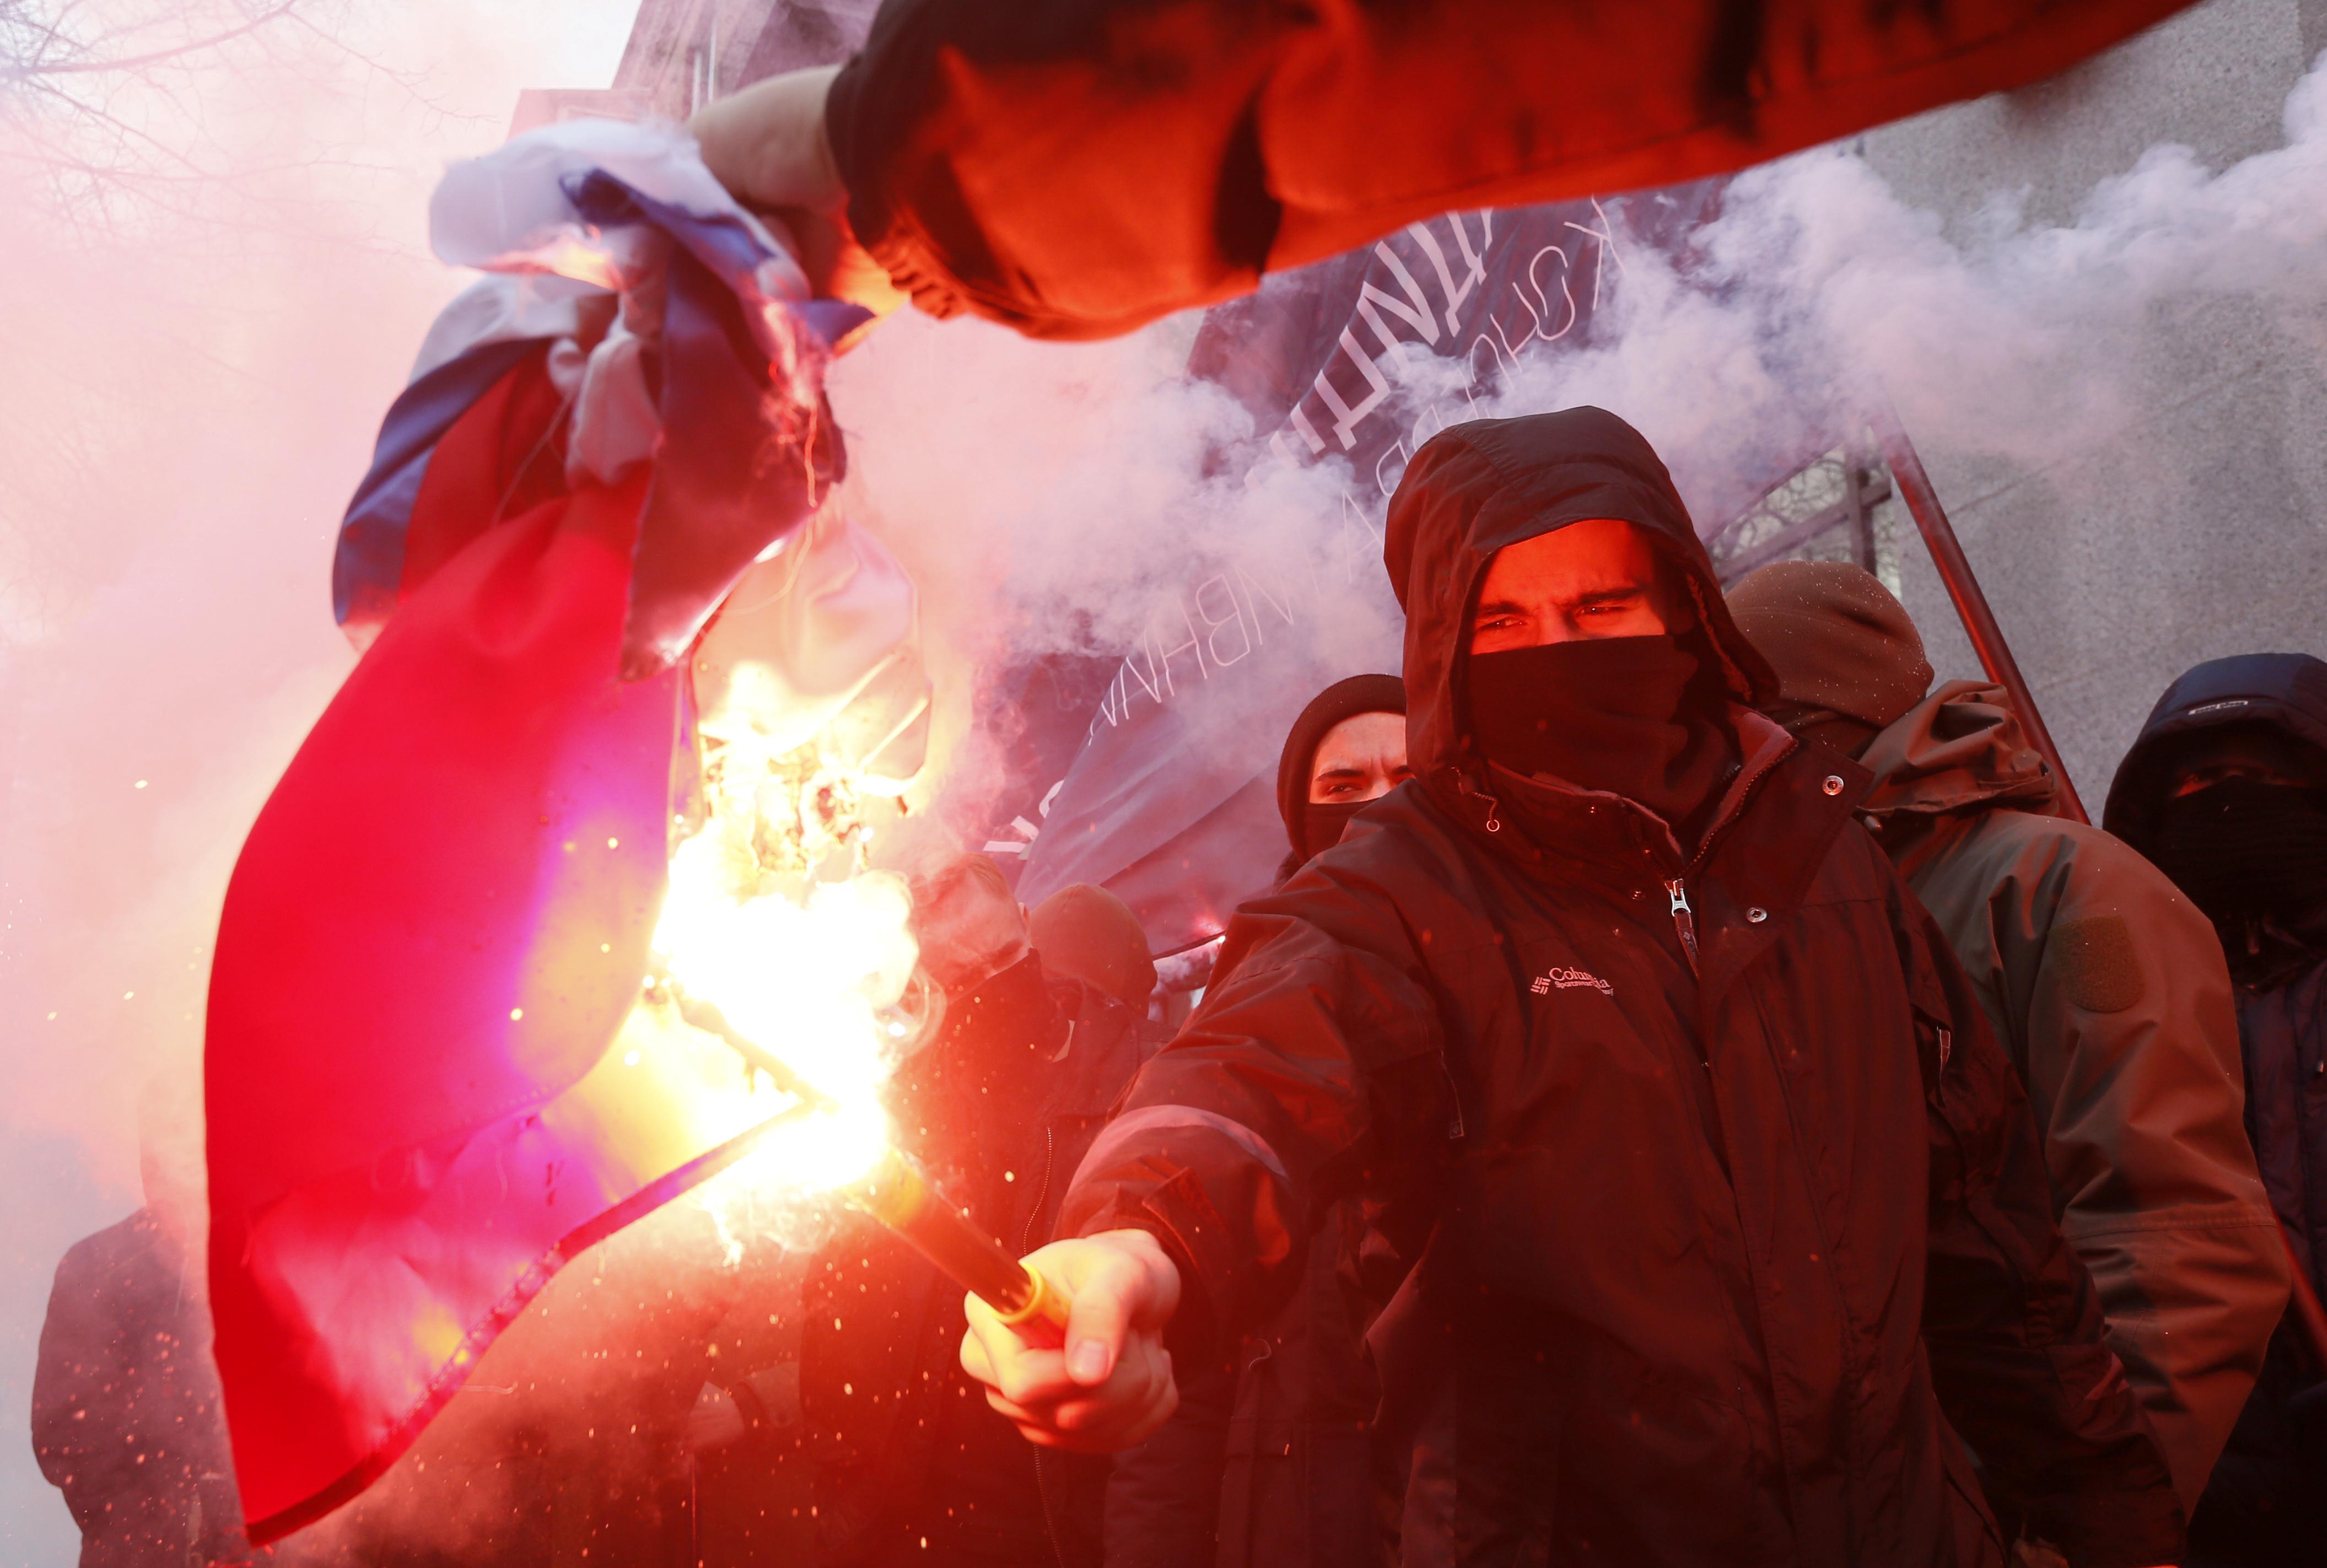 Ukraine Needs Political Support, Not War